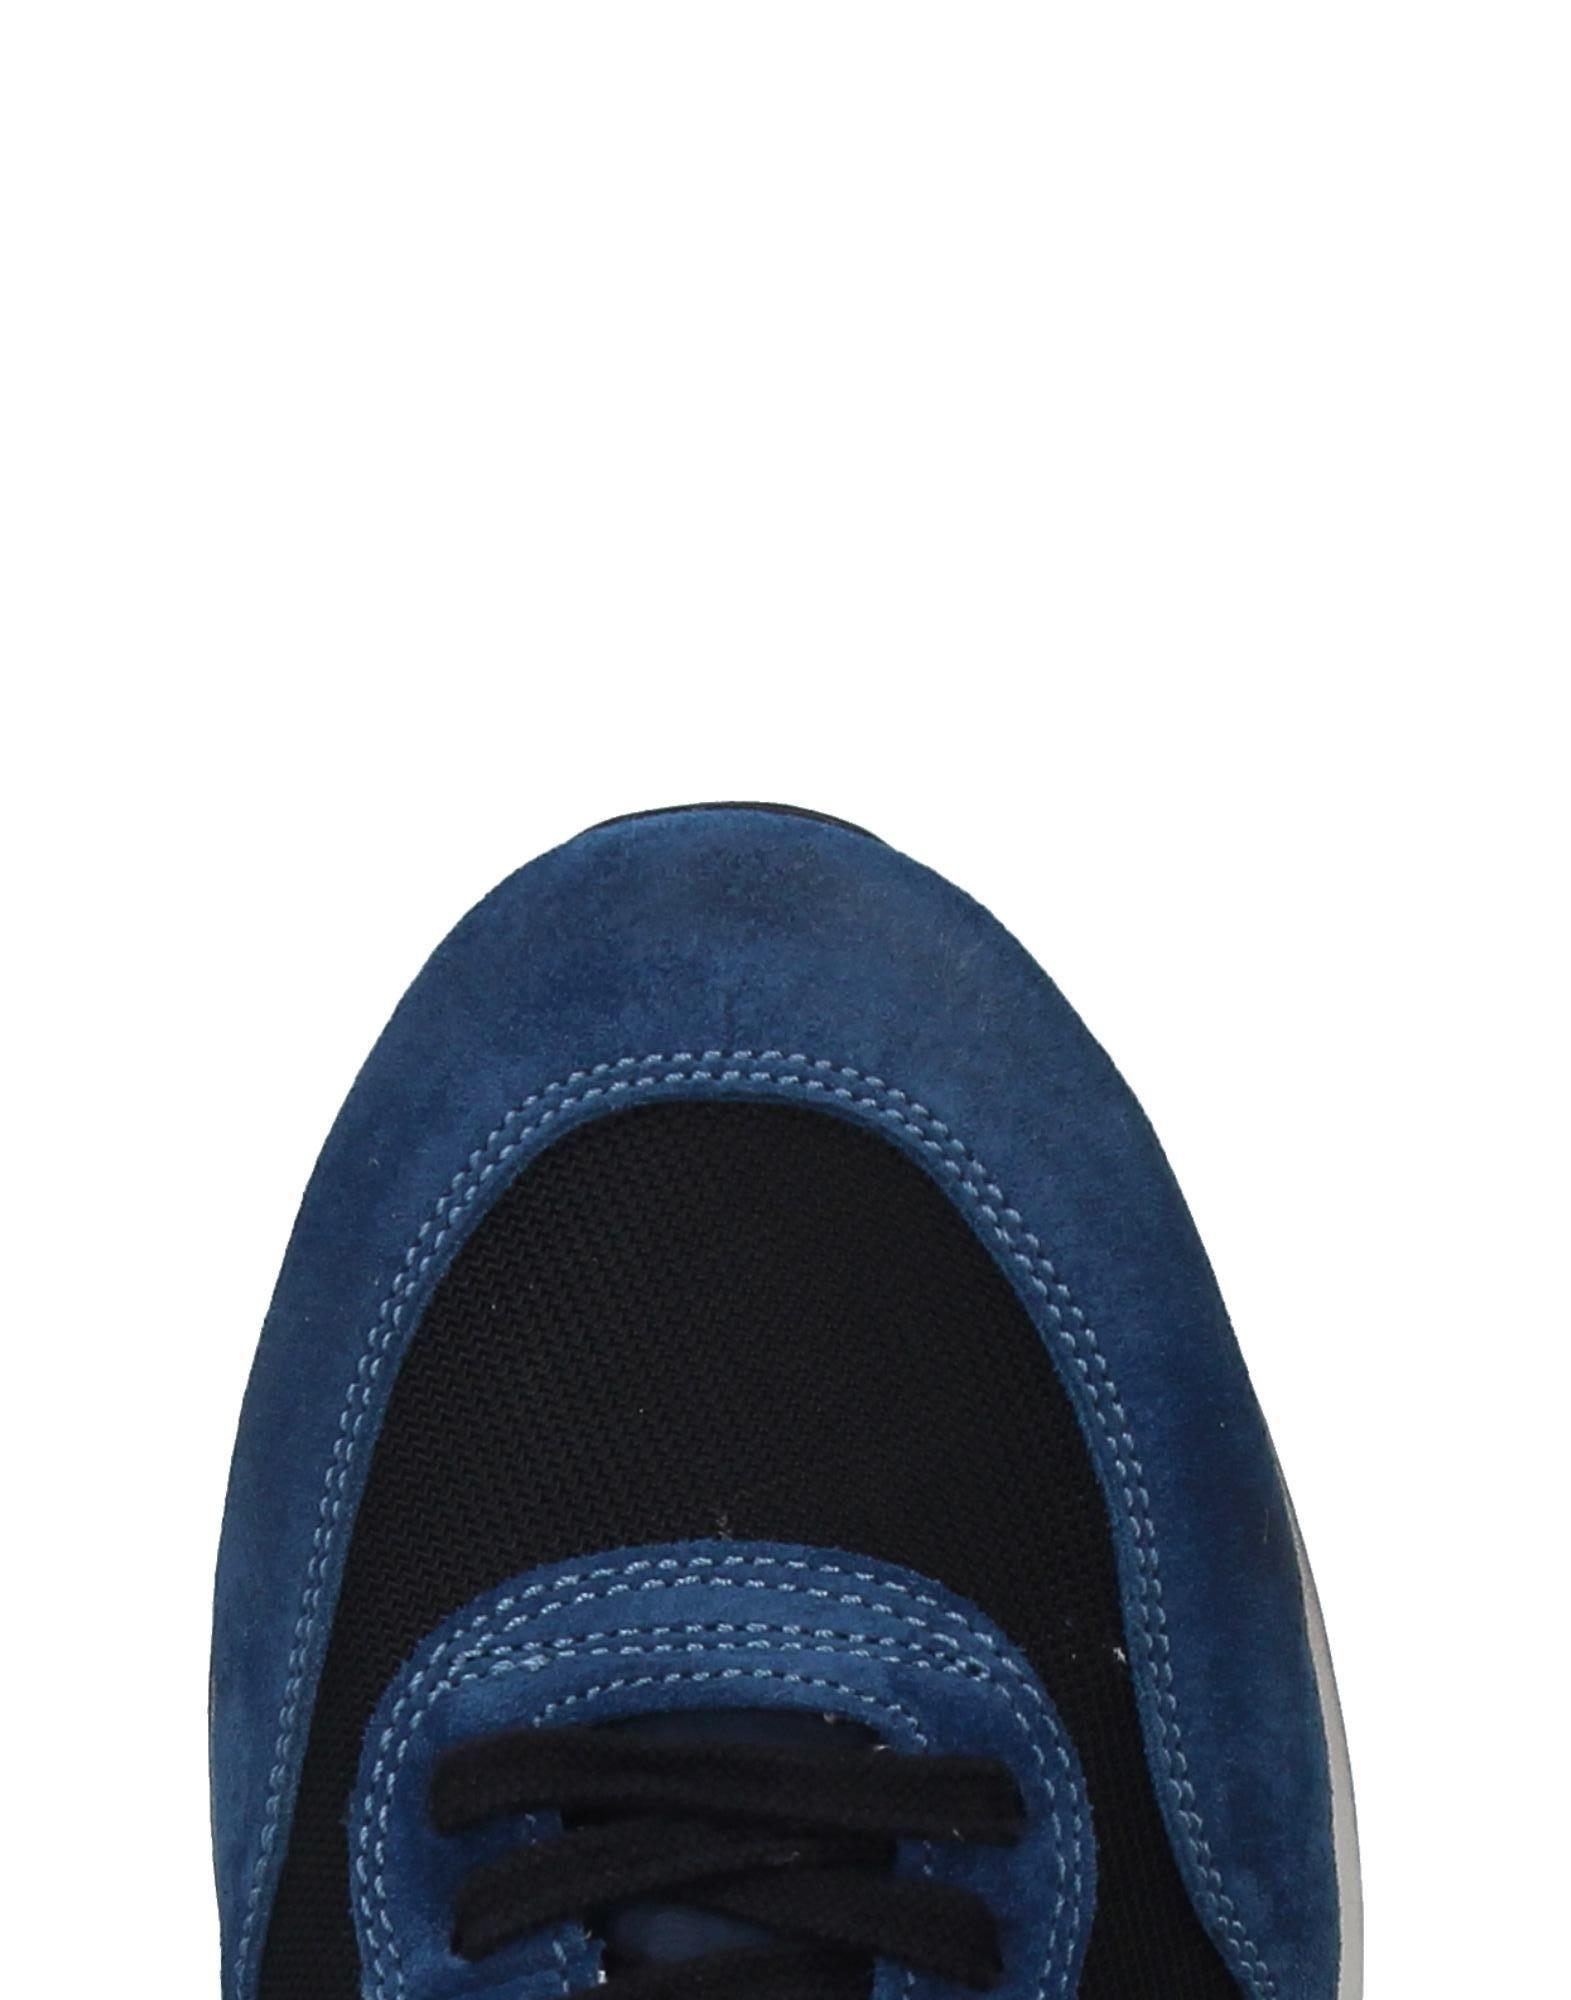 Primabase Primabase  Sneakers Herren  11332942FT e03eaa